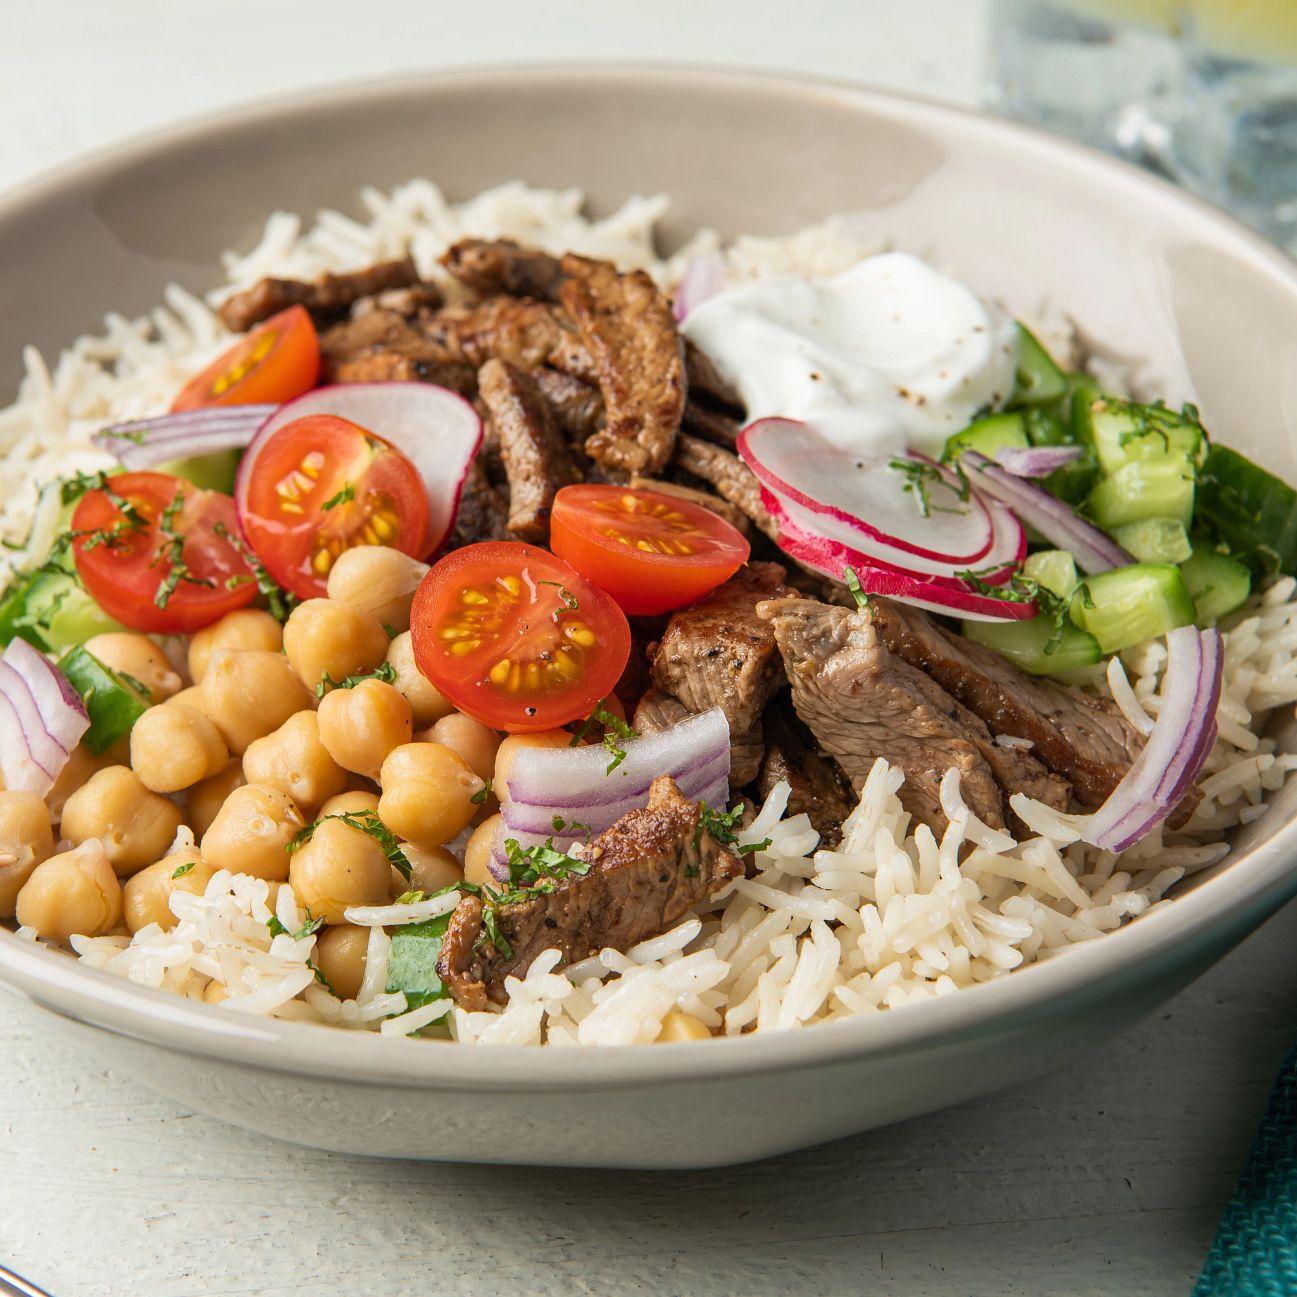 Shawarma Steak & Basmati Rice Bowl